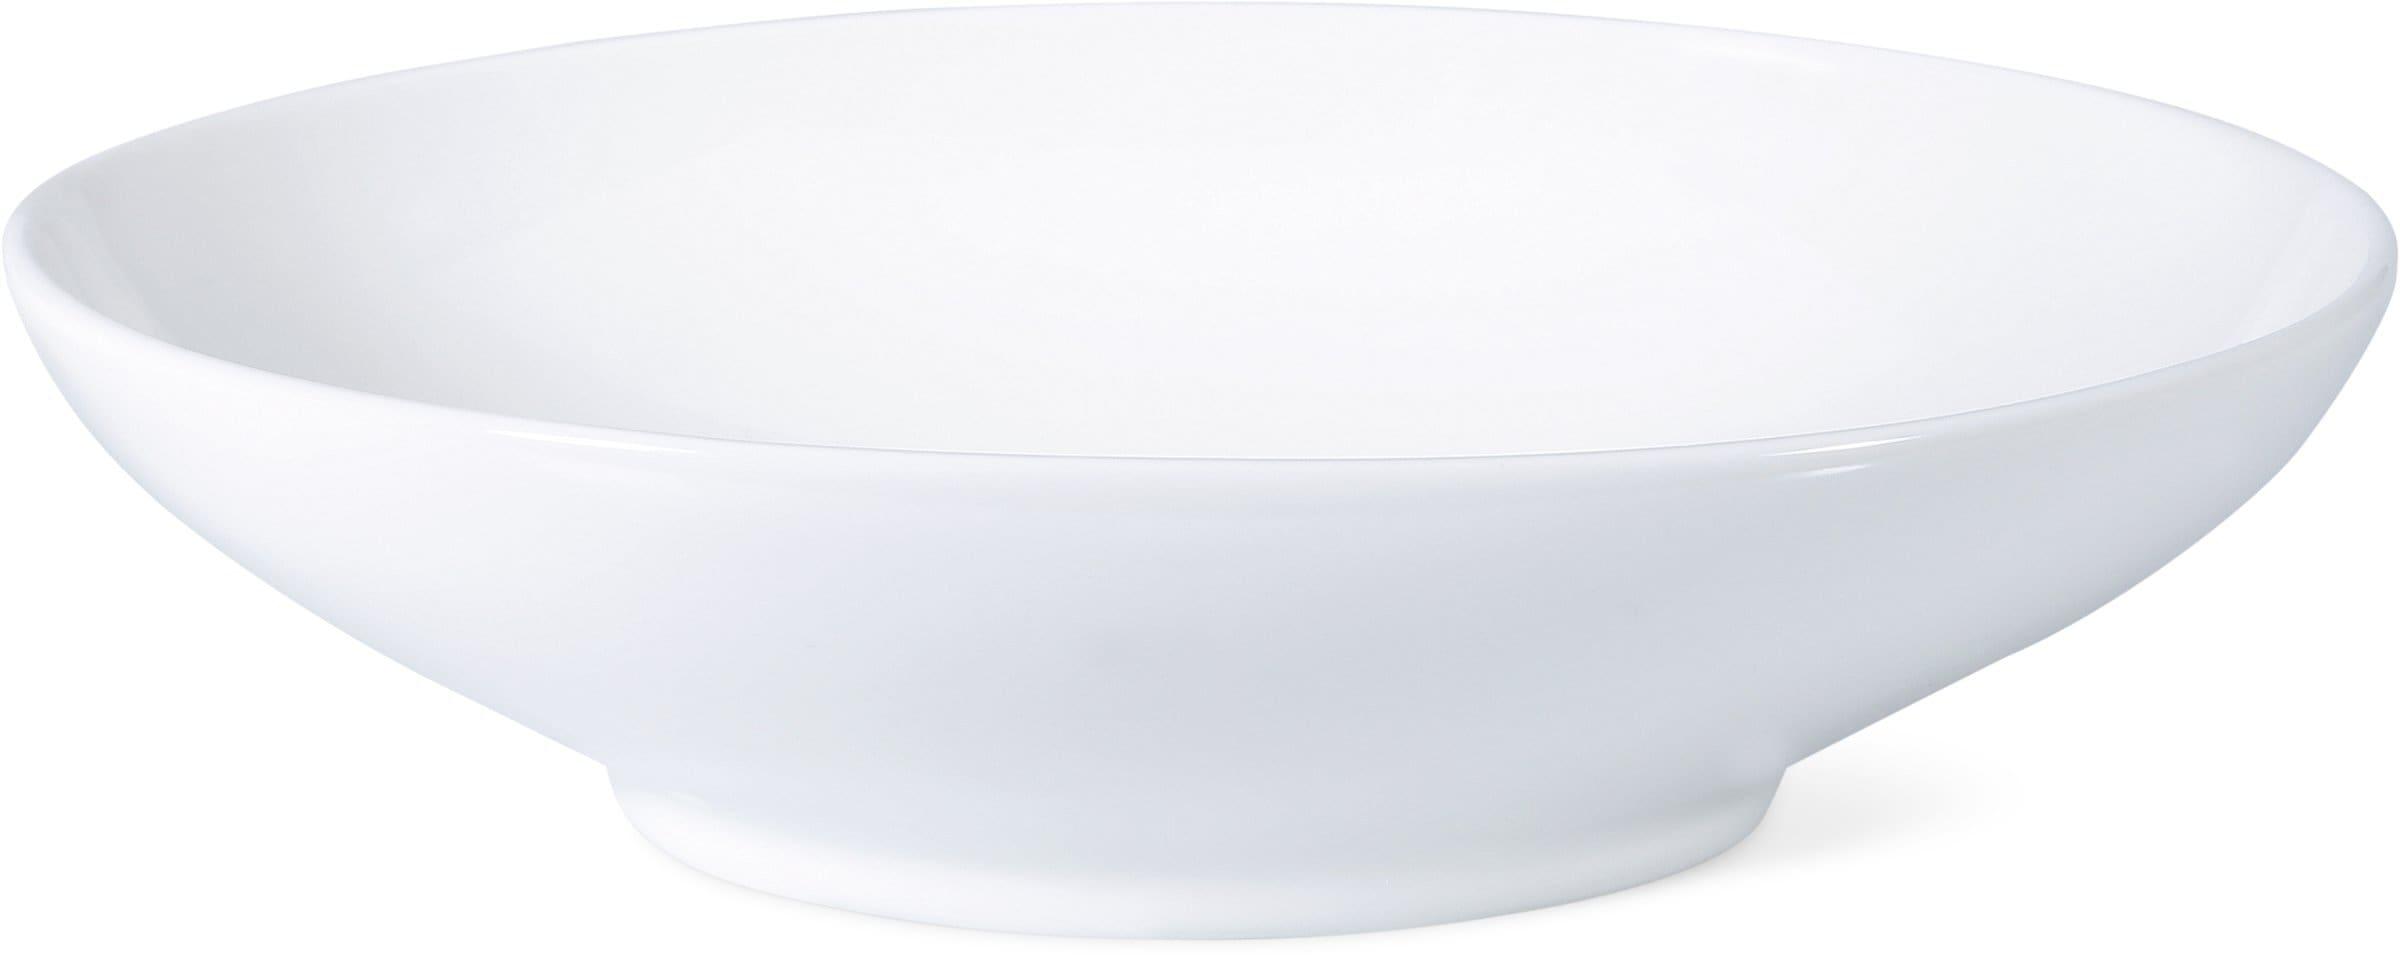 Cucina & Tavola PURE Ciotola 21x16.5cm